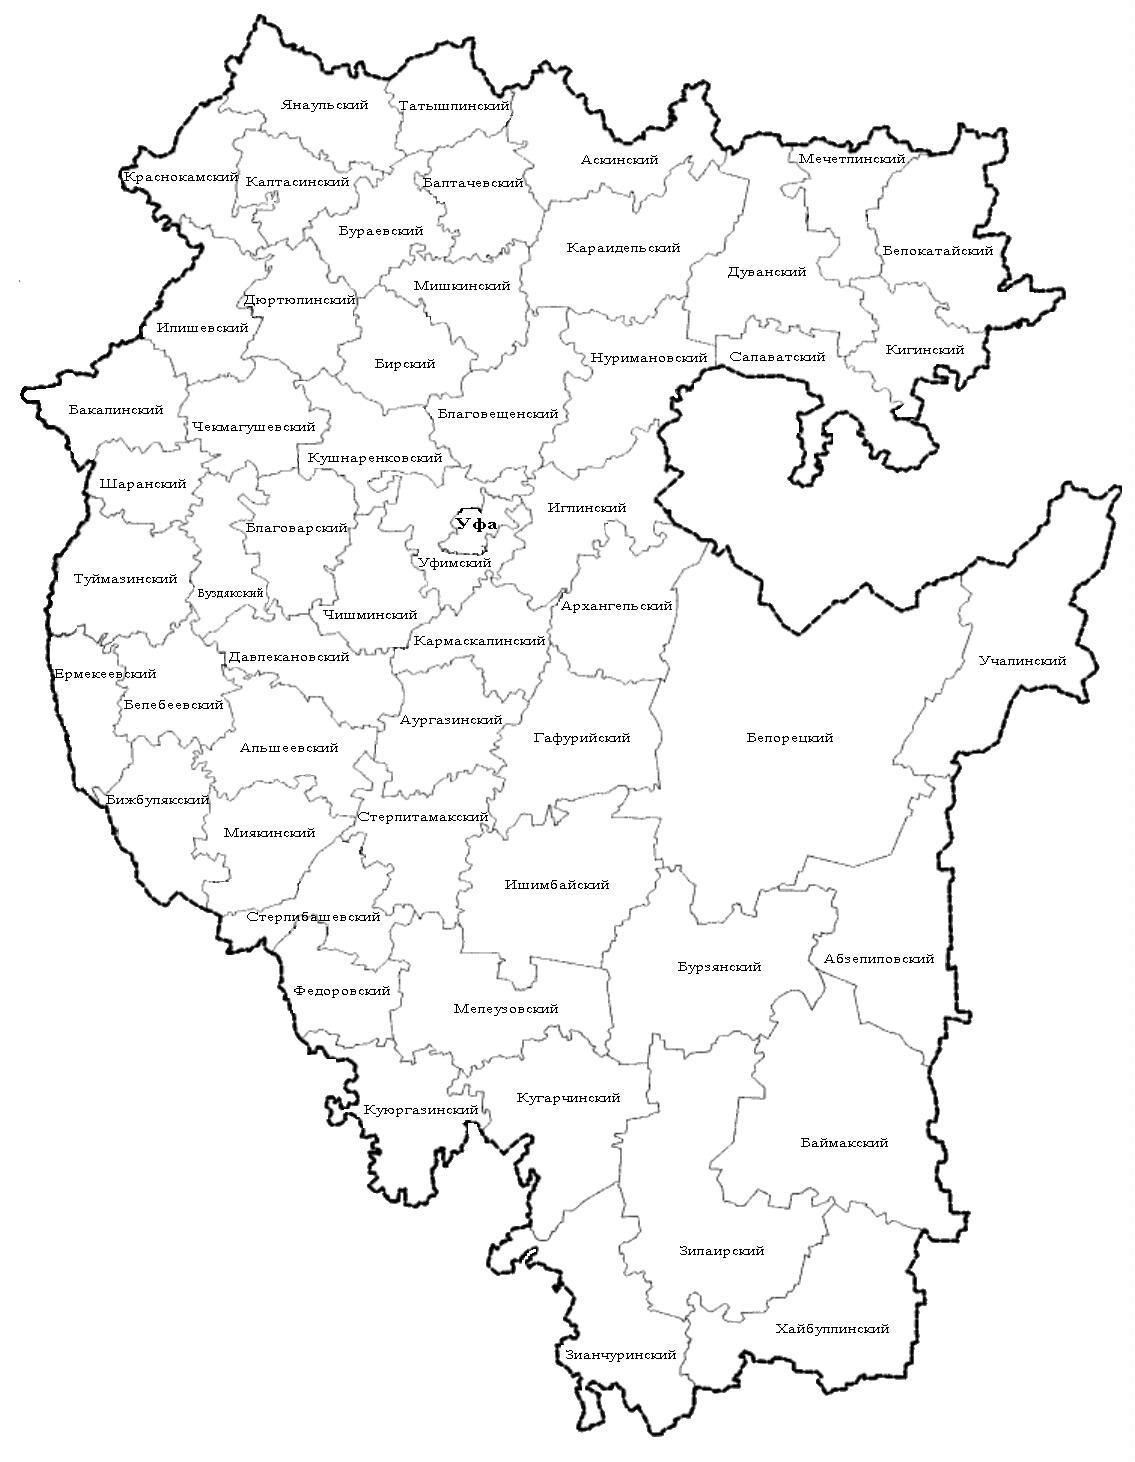 Отчет по производственной практике Отряд №7 направлен на прохождение производственной практики в город Уфу несколько бойцов отряда проходят практику в условиях фермерских хозяйств в Дании